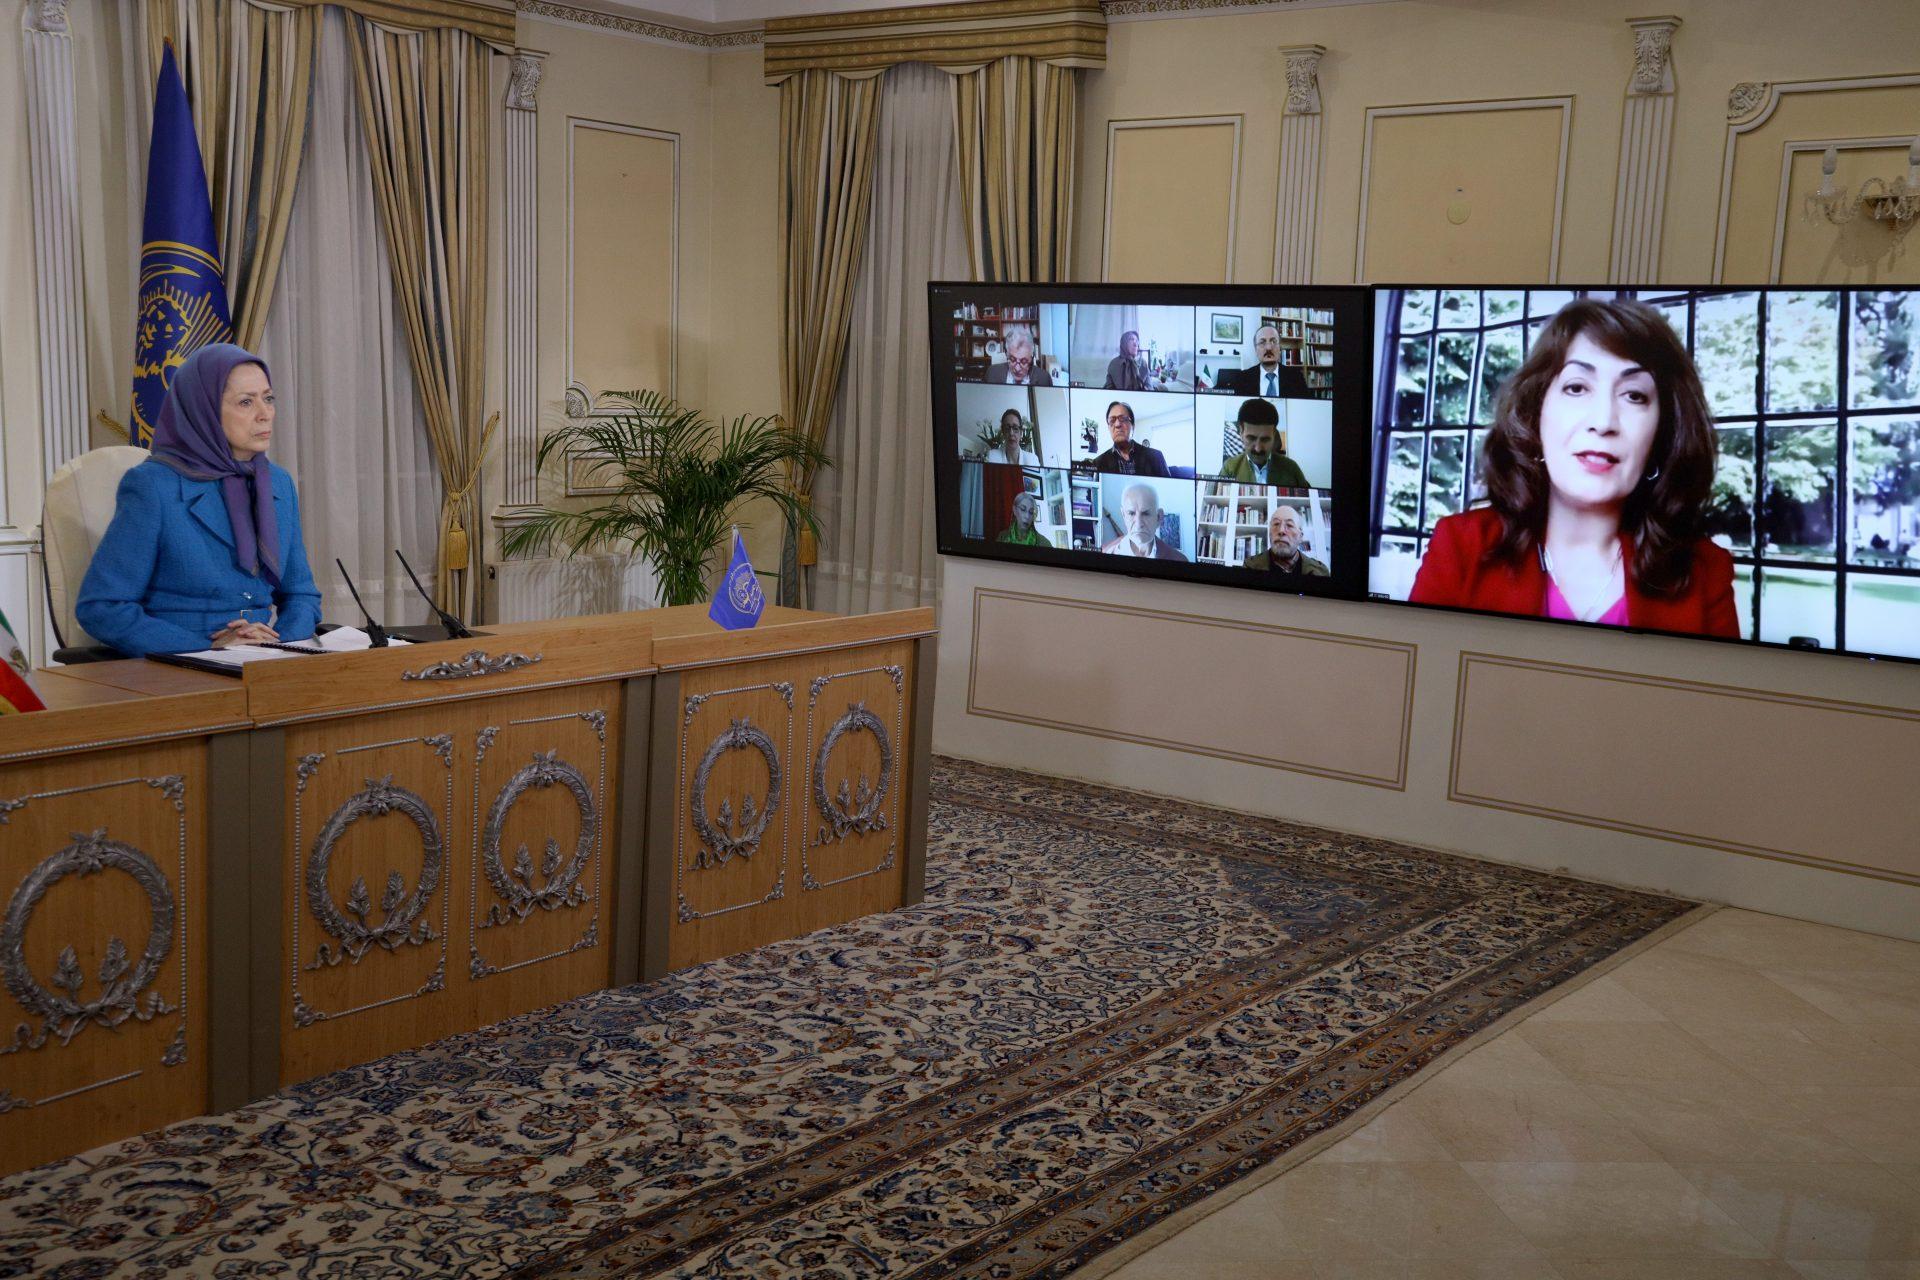 مریم رجوی: رای هر ایرانی سرنگونی است